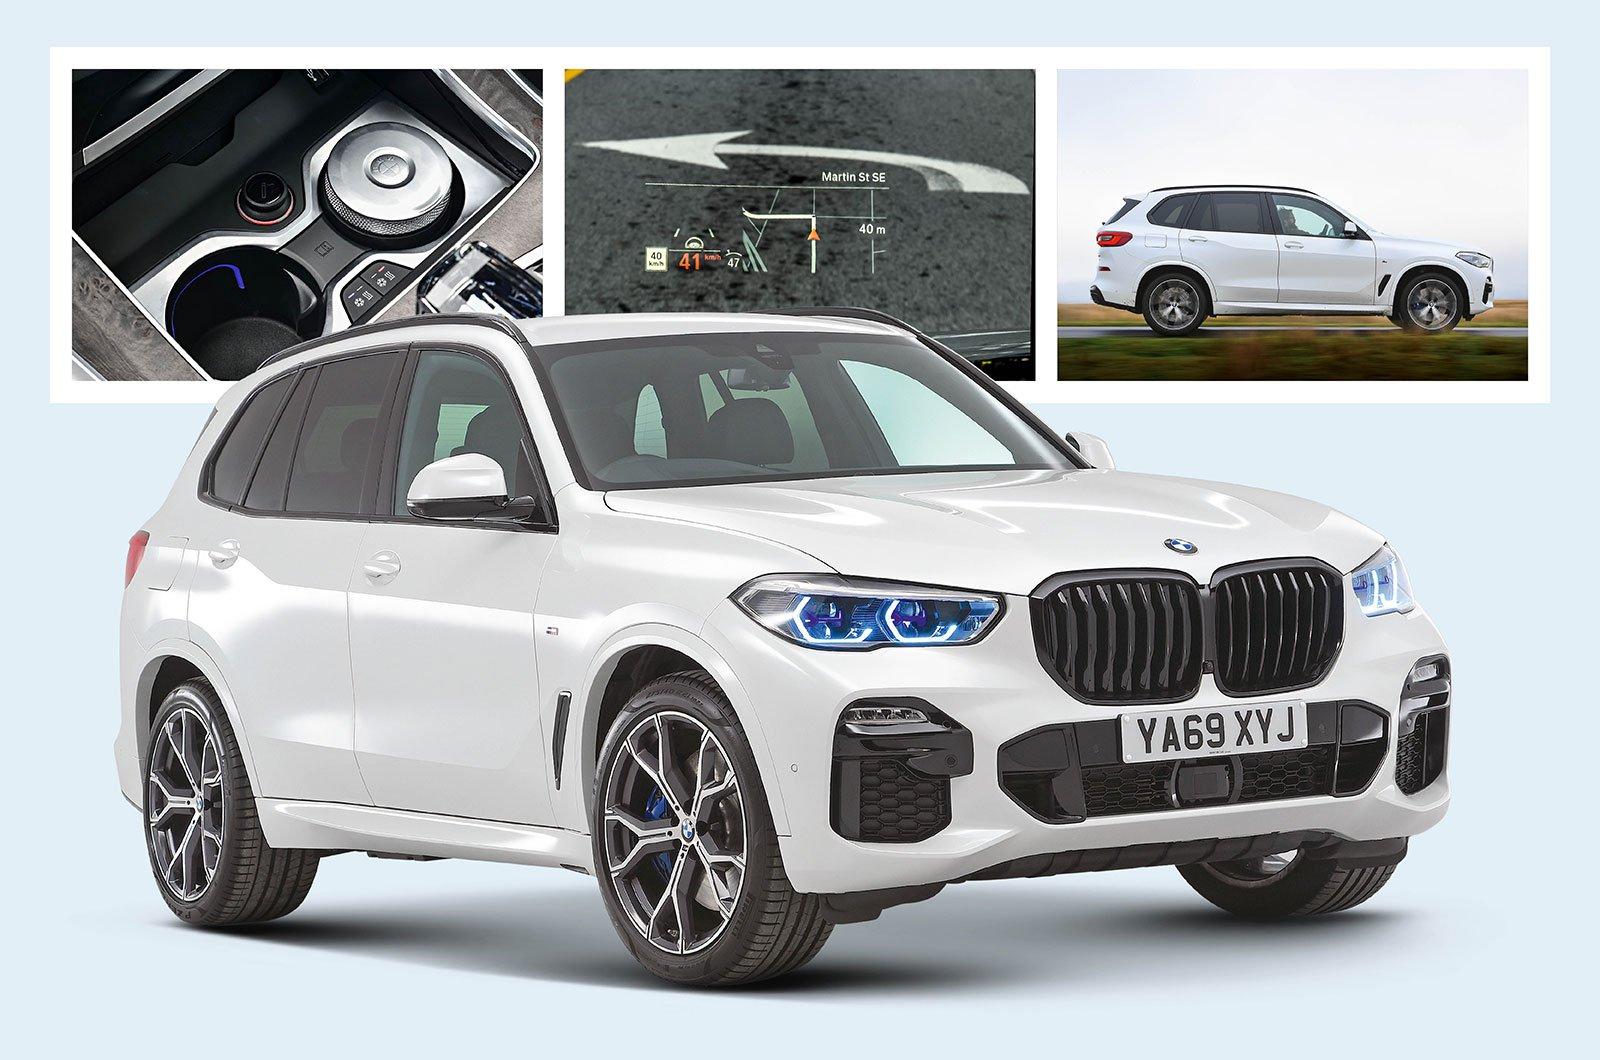 How to spec a BMW X5